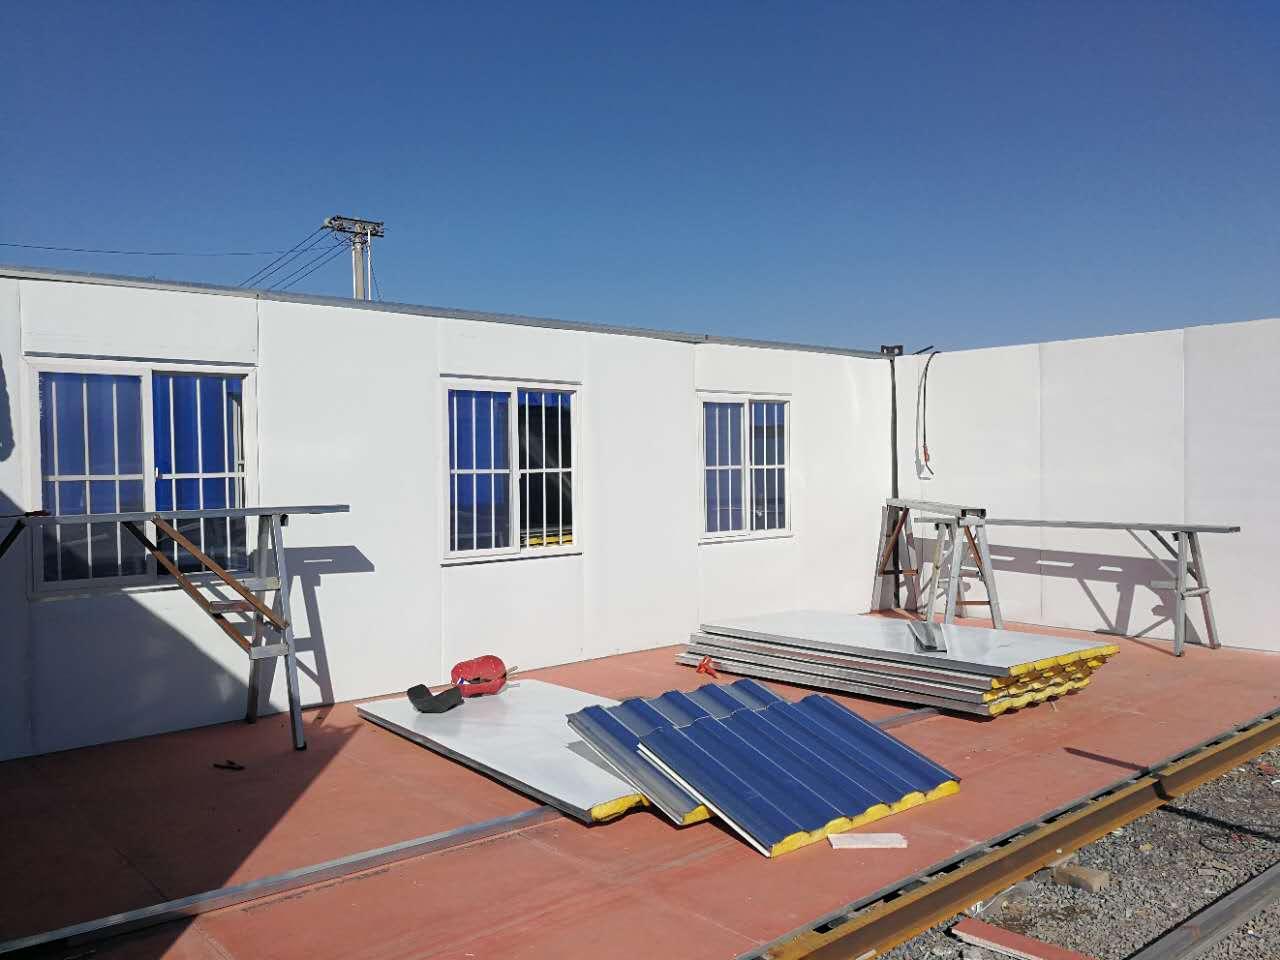 吊装式活动板 吊装式活动板房-- 人本建筑安装 集装箱 活动板房